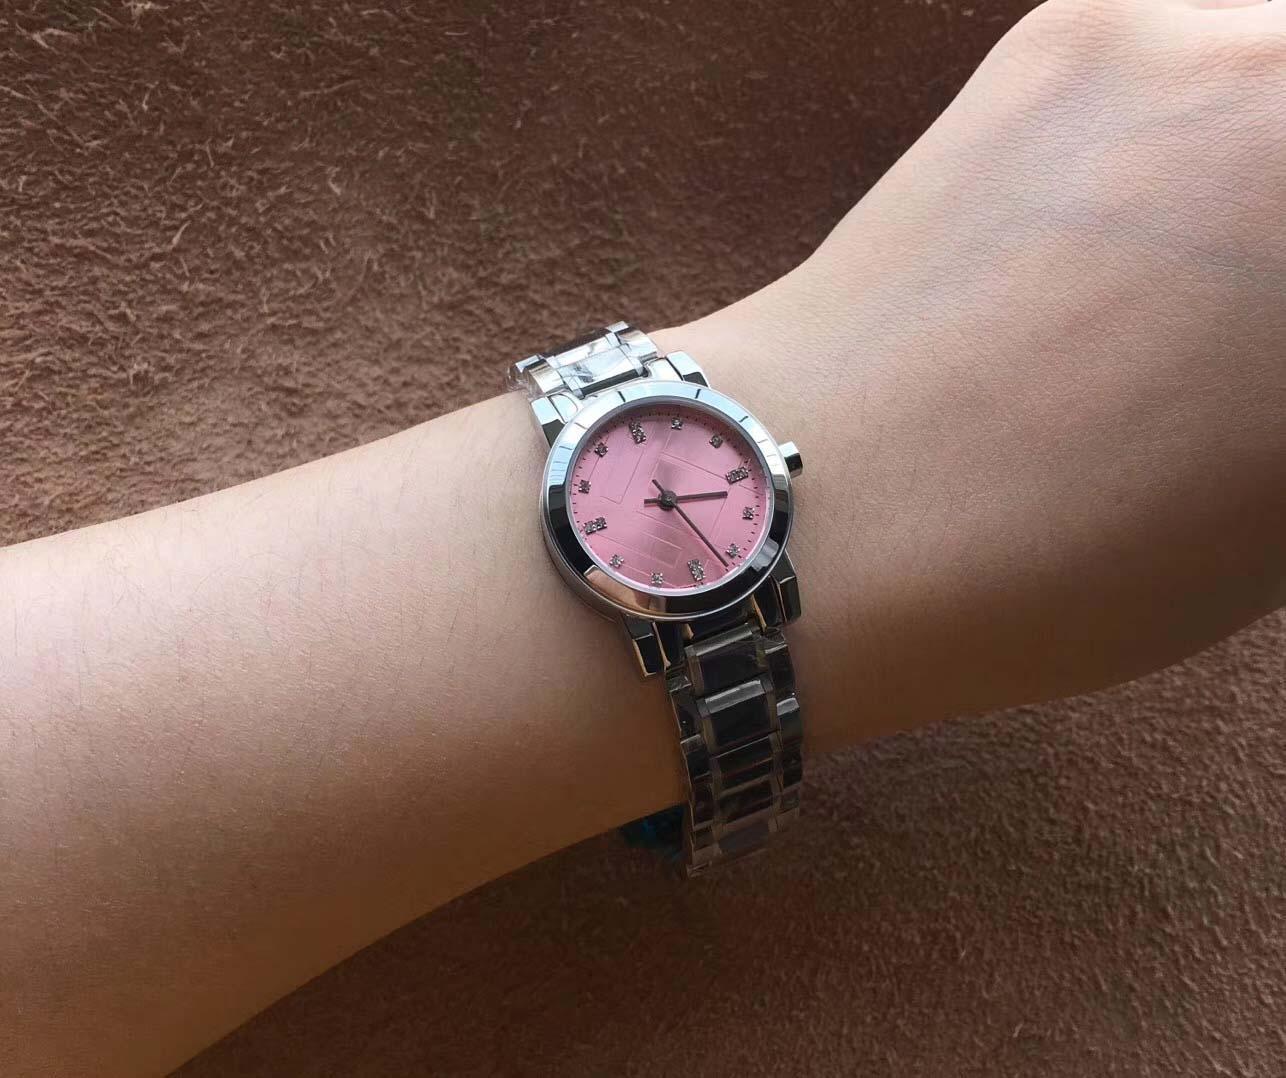 Mode 26MM Mesdames Montres Quartz Montre Femme Argent Bracelet en acier inoxydable Cadran Blanc Index Hour Marker